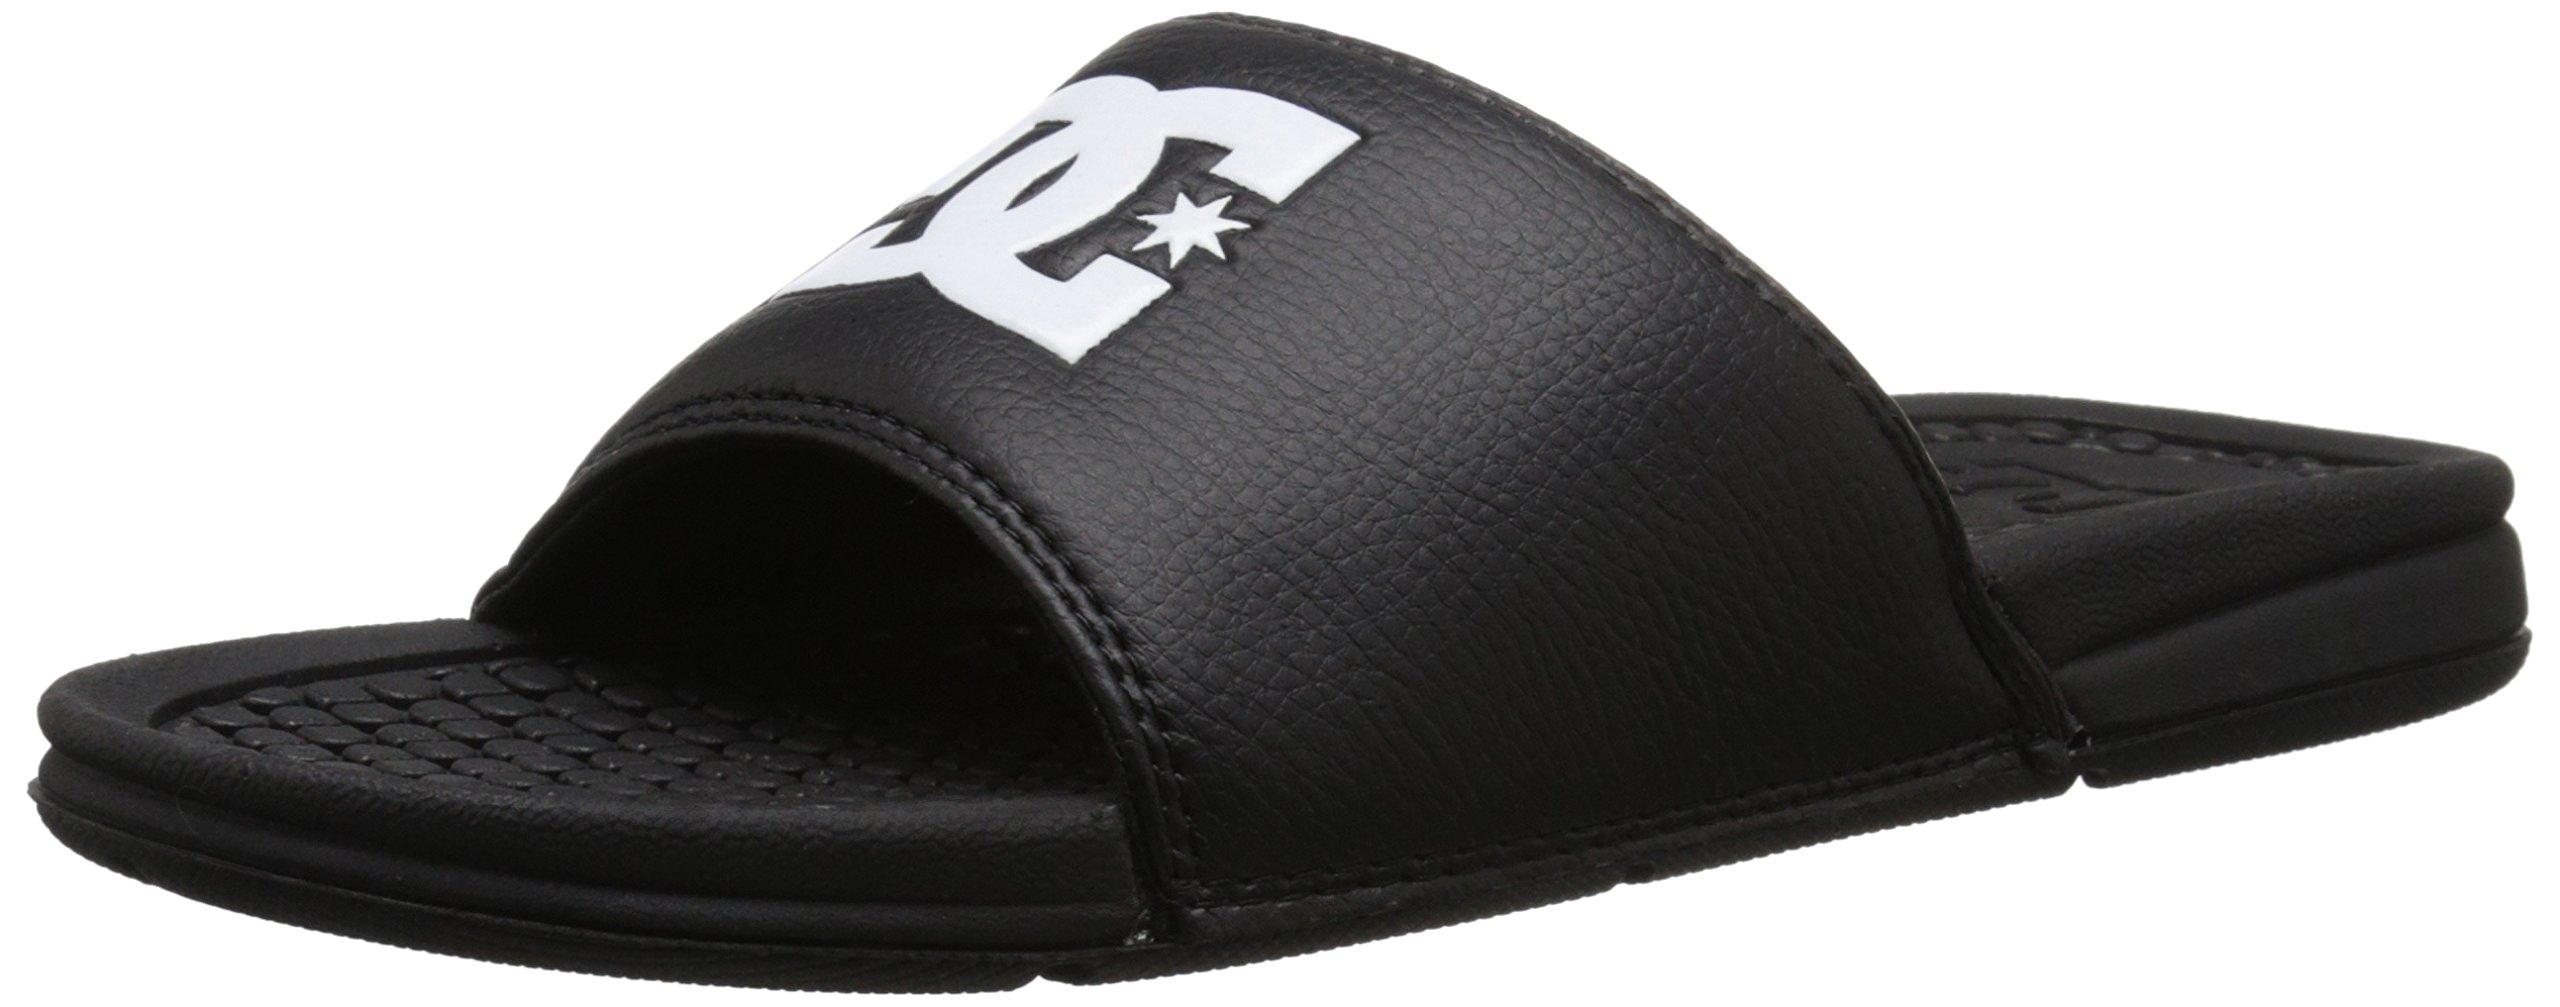 DC Men's Bolsa Slide Sandal, Black, 12 M US